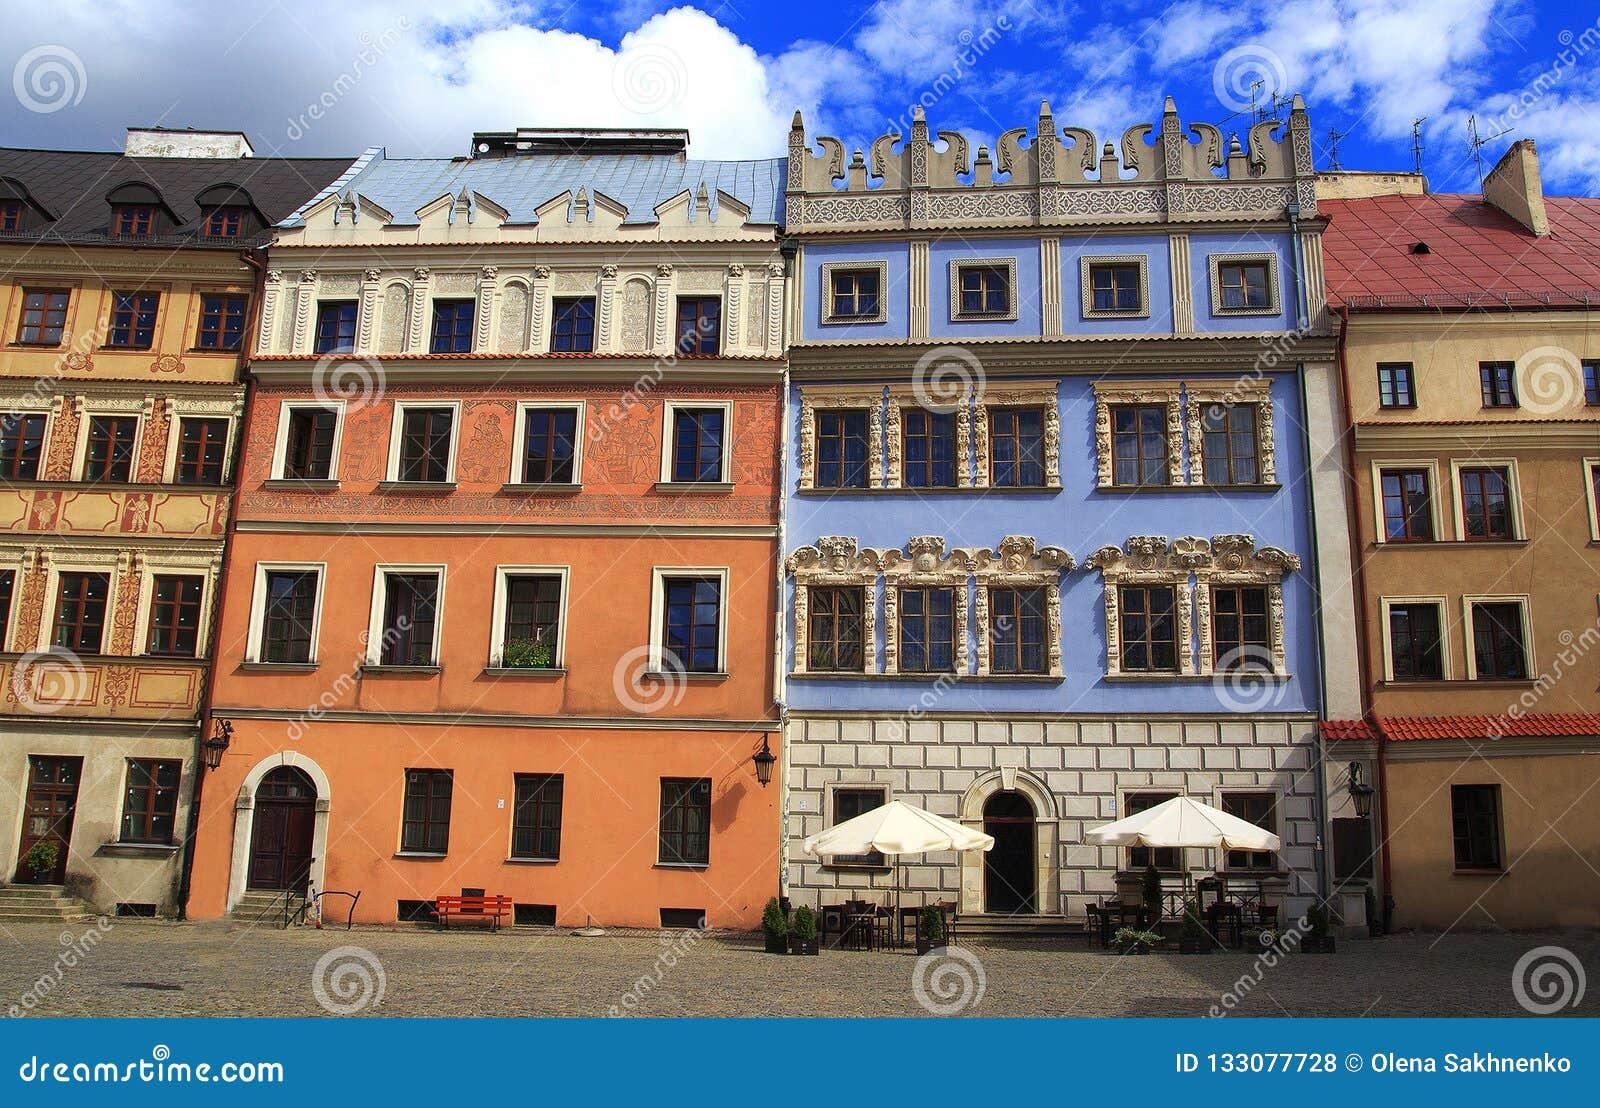 Historyczni budynki stary miasteczko w historycznym Wielkim Targowym kwadracie w Lublin